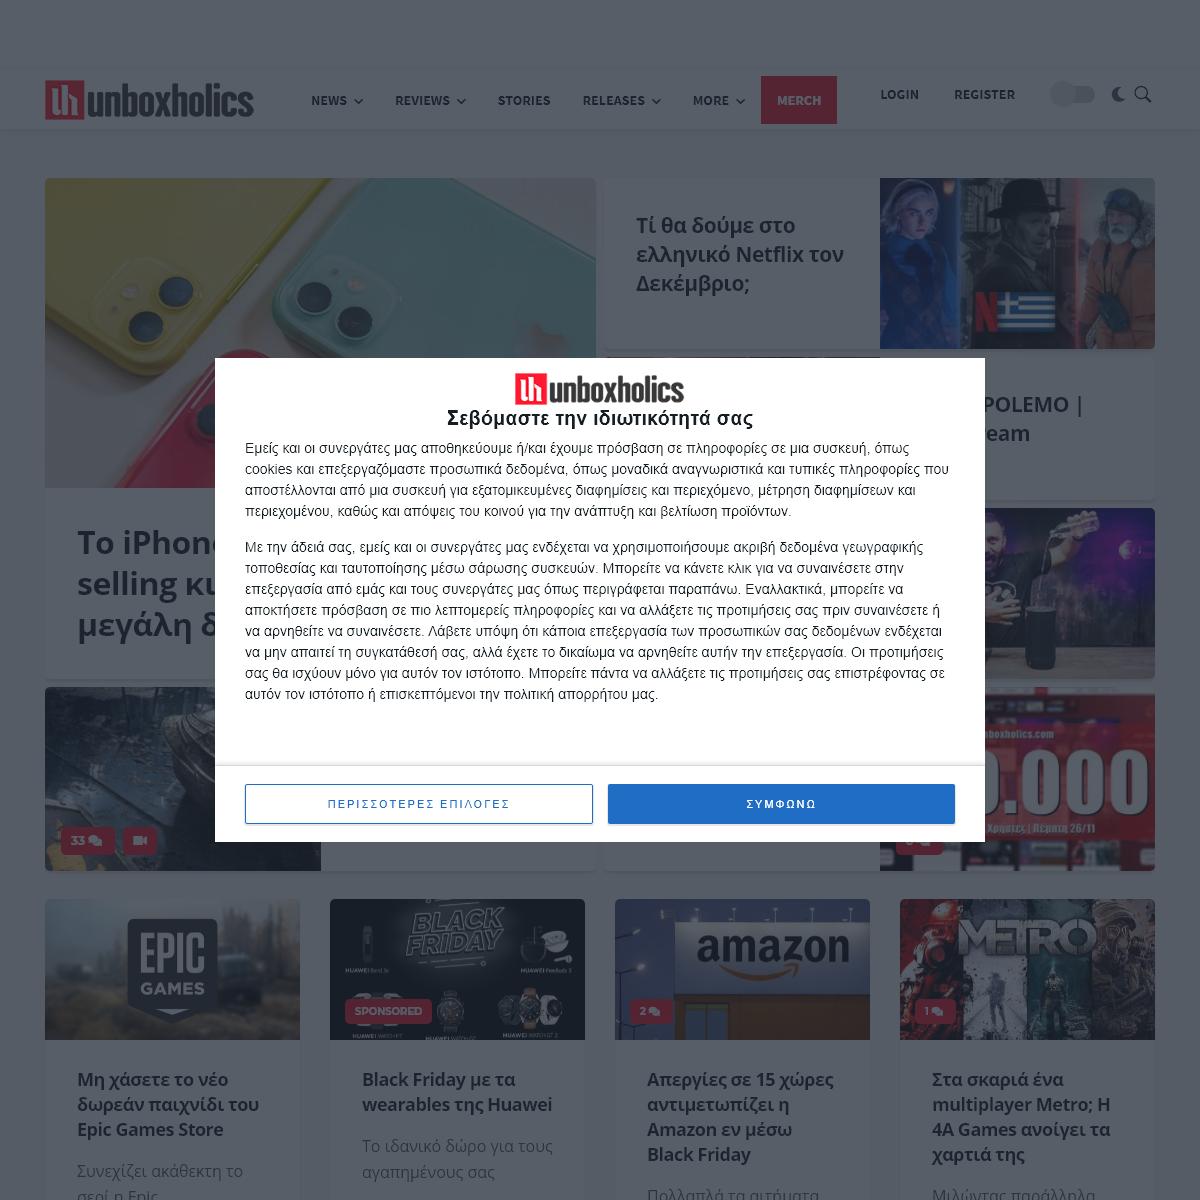 Ειδήσεις για τεχνολογία, videogames, ταινίες και σειρές - Unboxholics.com